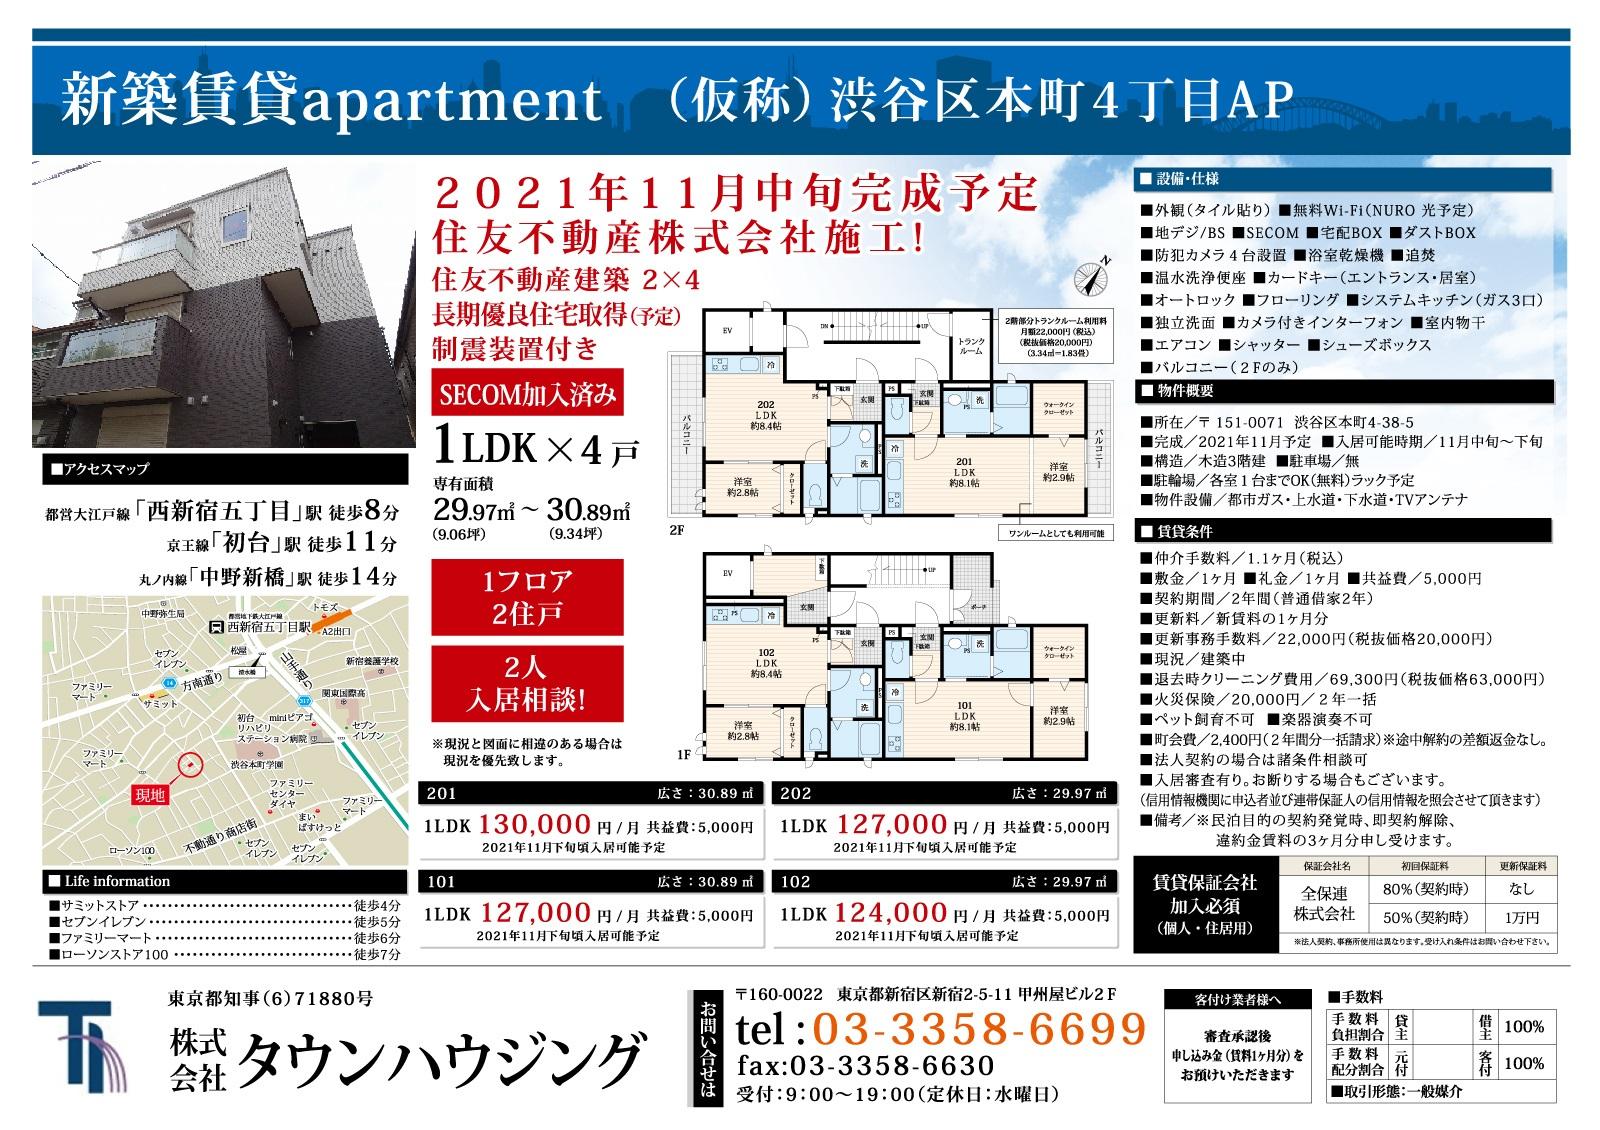 都営大江戸線 西新宿五丁目駅 徒歩8分 1LDK 制震装置付